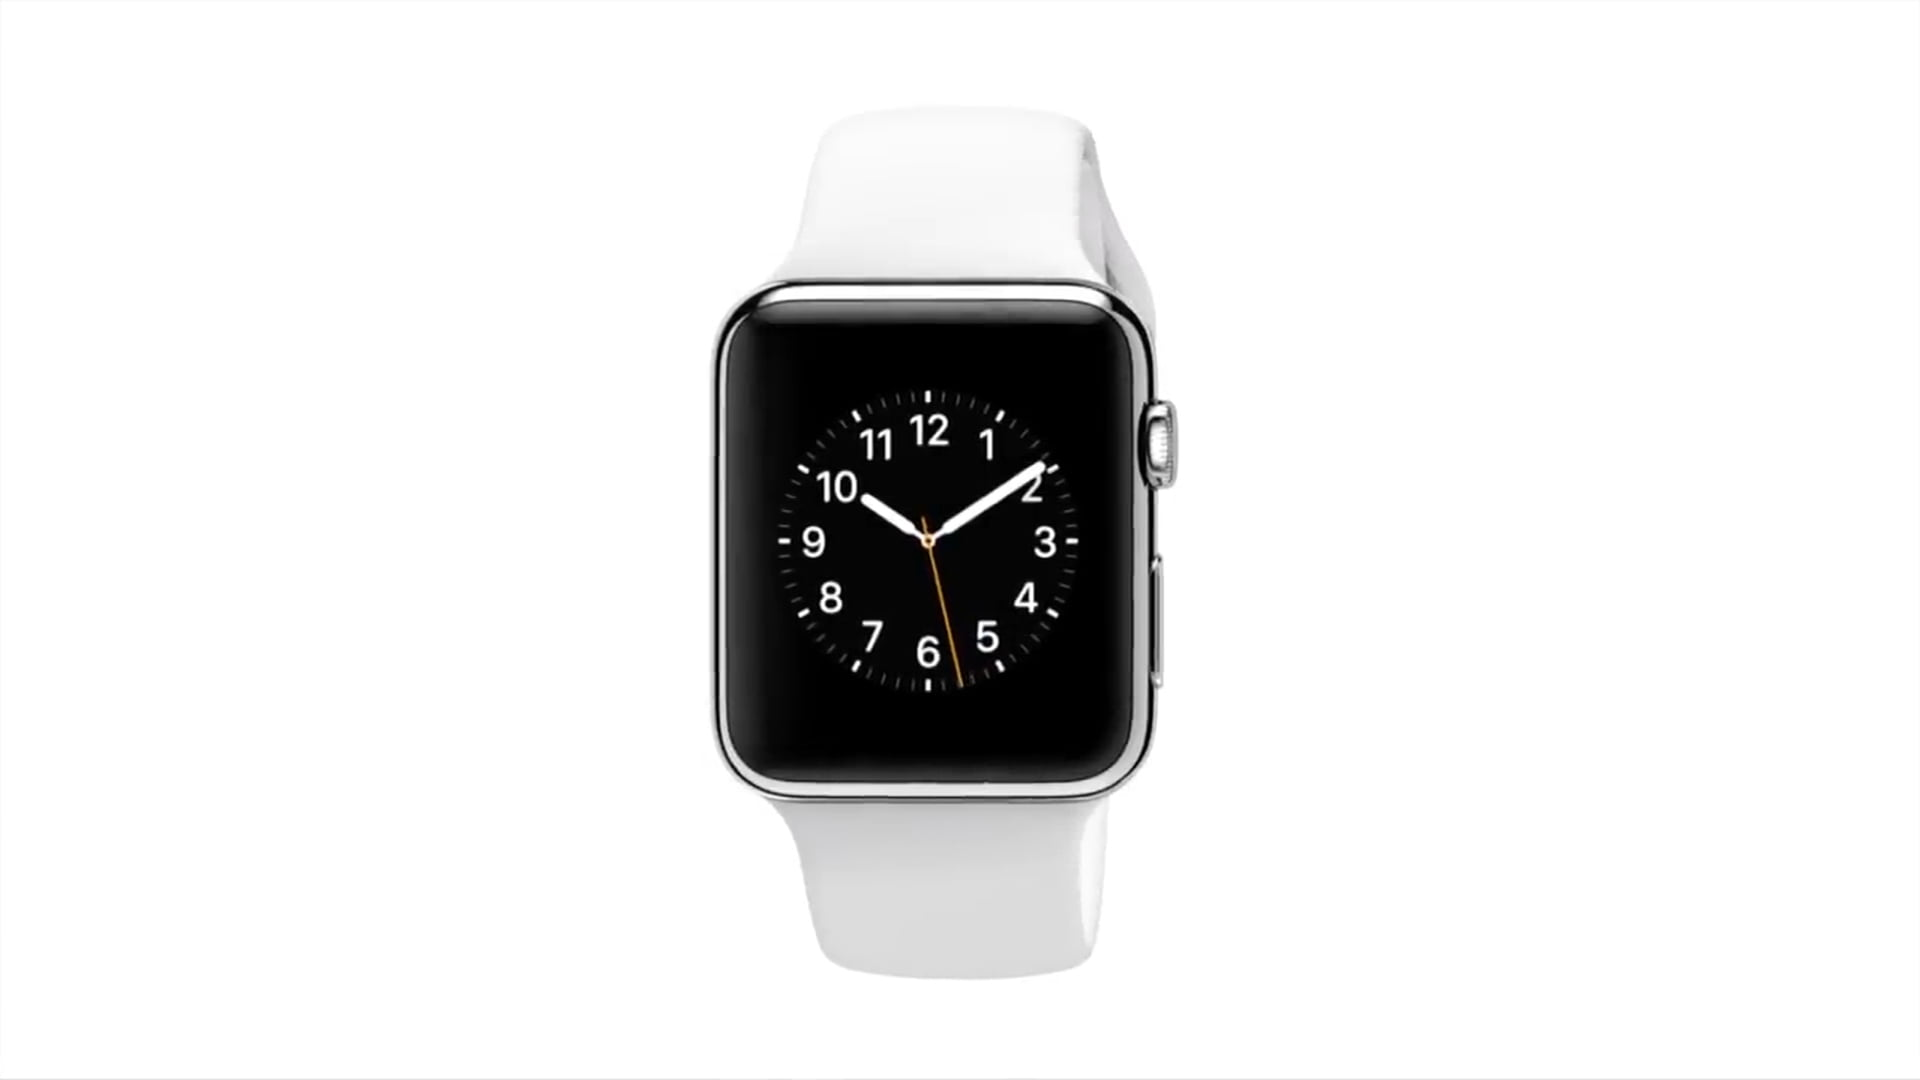 Zdjęcia przedstawiające prototyp zegarka Apple Watch